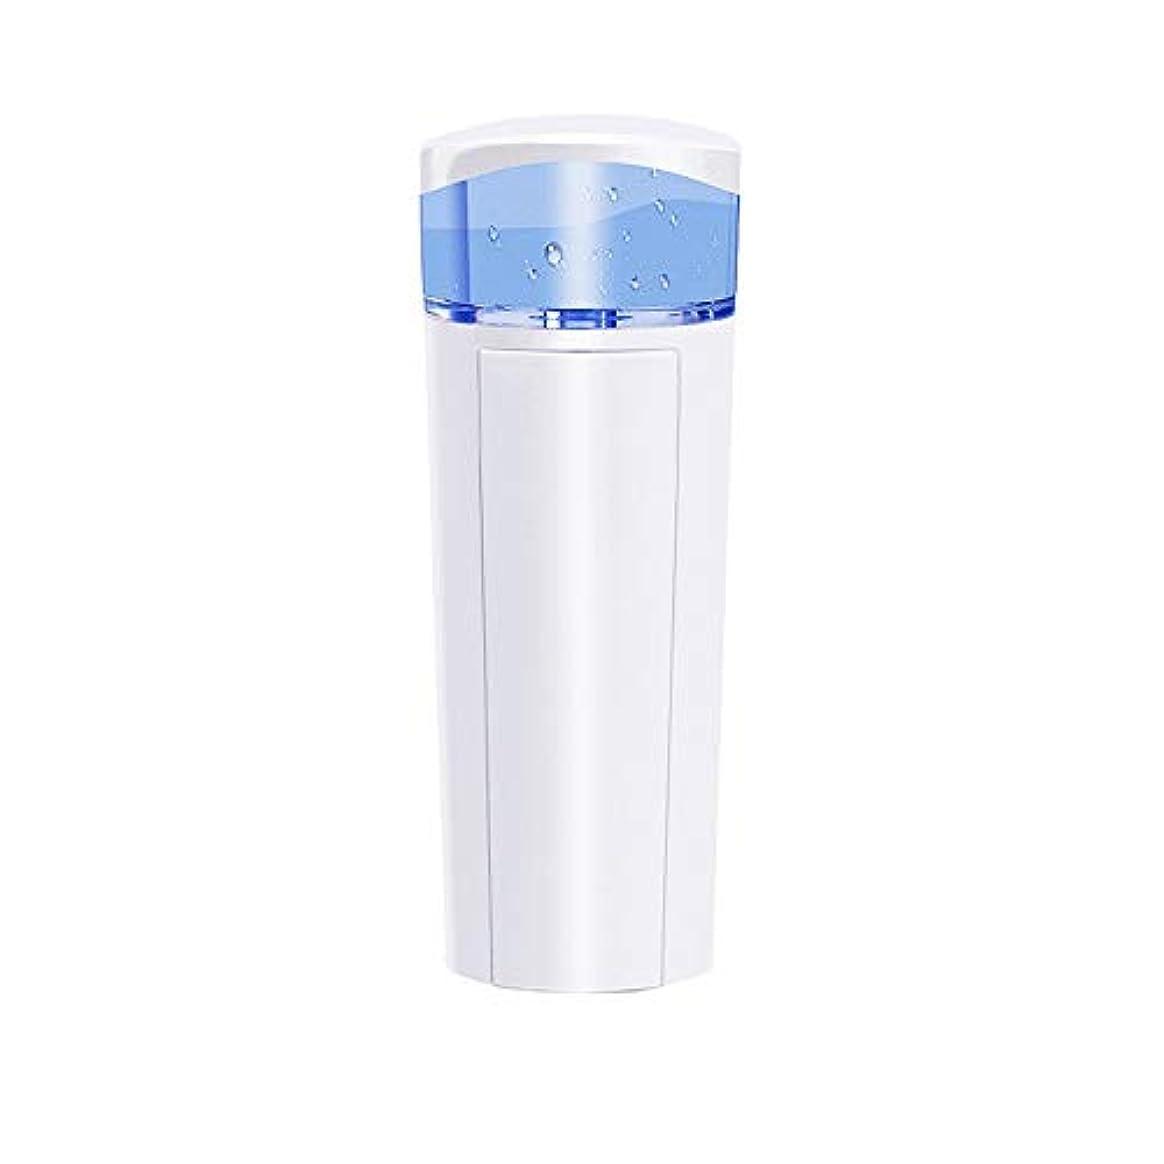 橋脚リンスあそこZXF 充電宝物機能付き新しいナノ水道メータースプレー美容機器ABS素材ホワイト 滑らかである